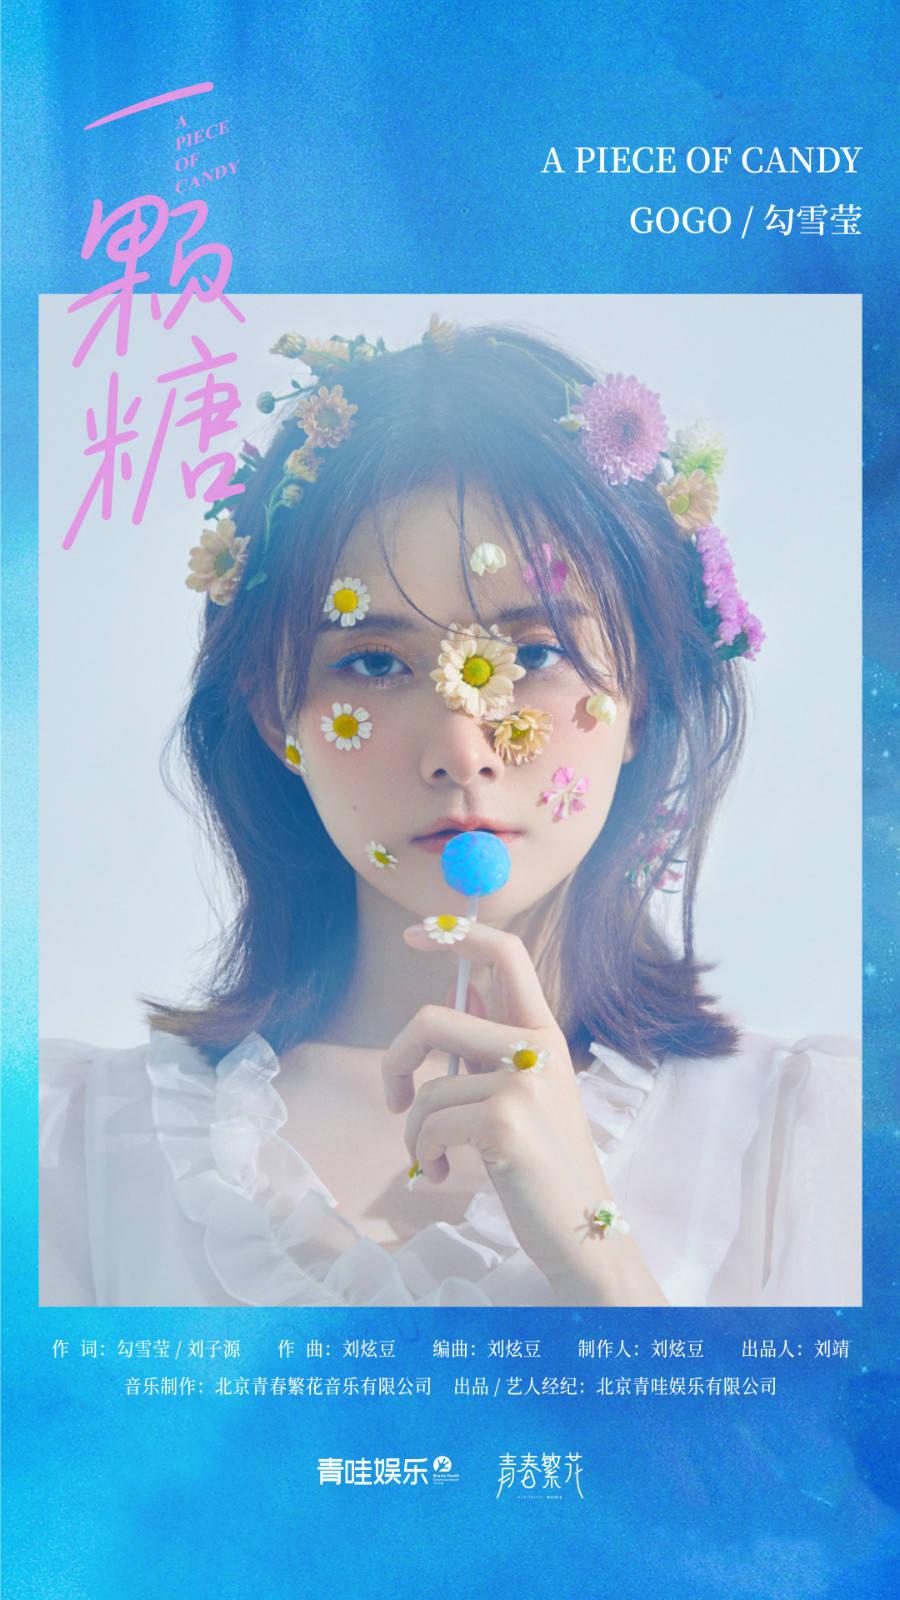 勾雪莹签约青哇娱乐打造全新单曲《一颗糖》暖心上线